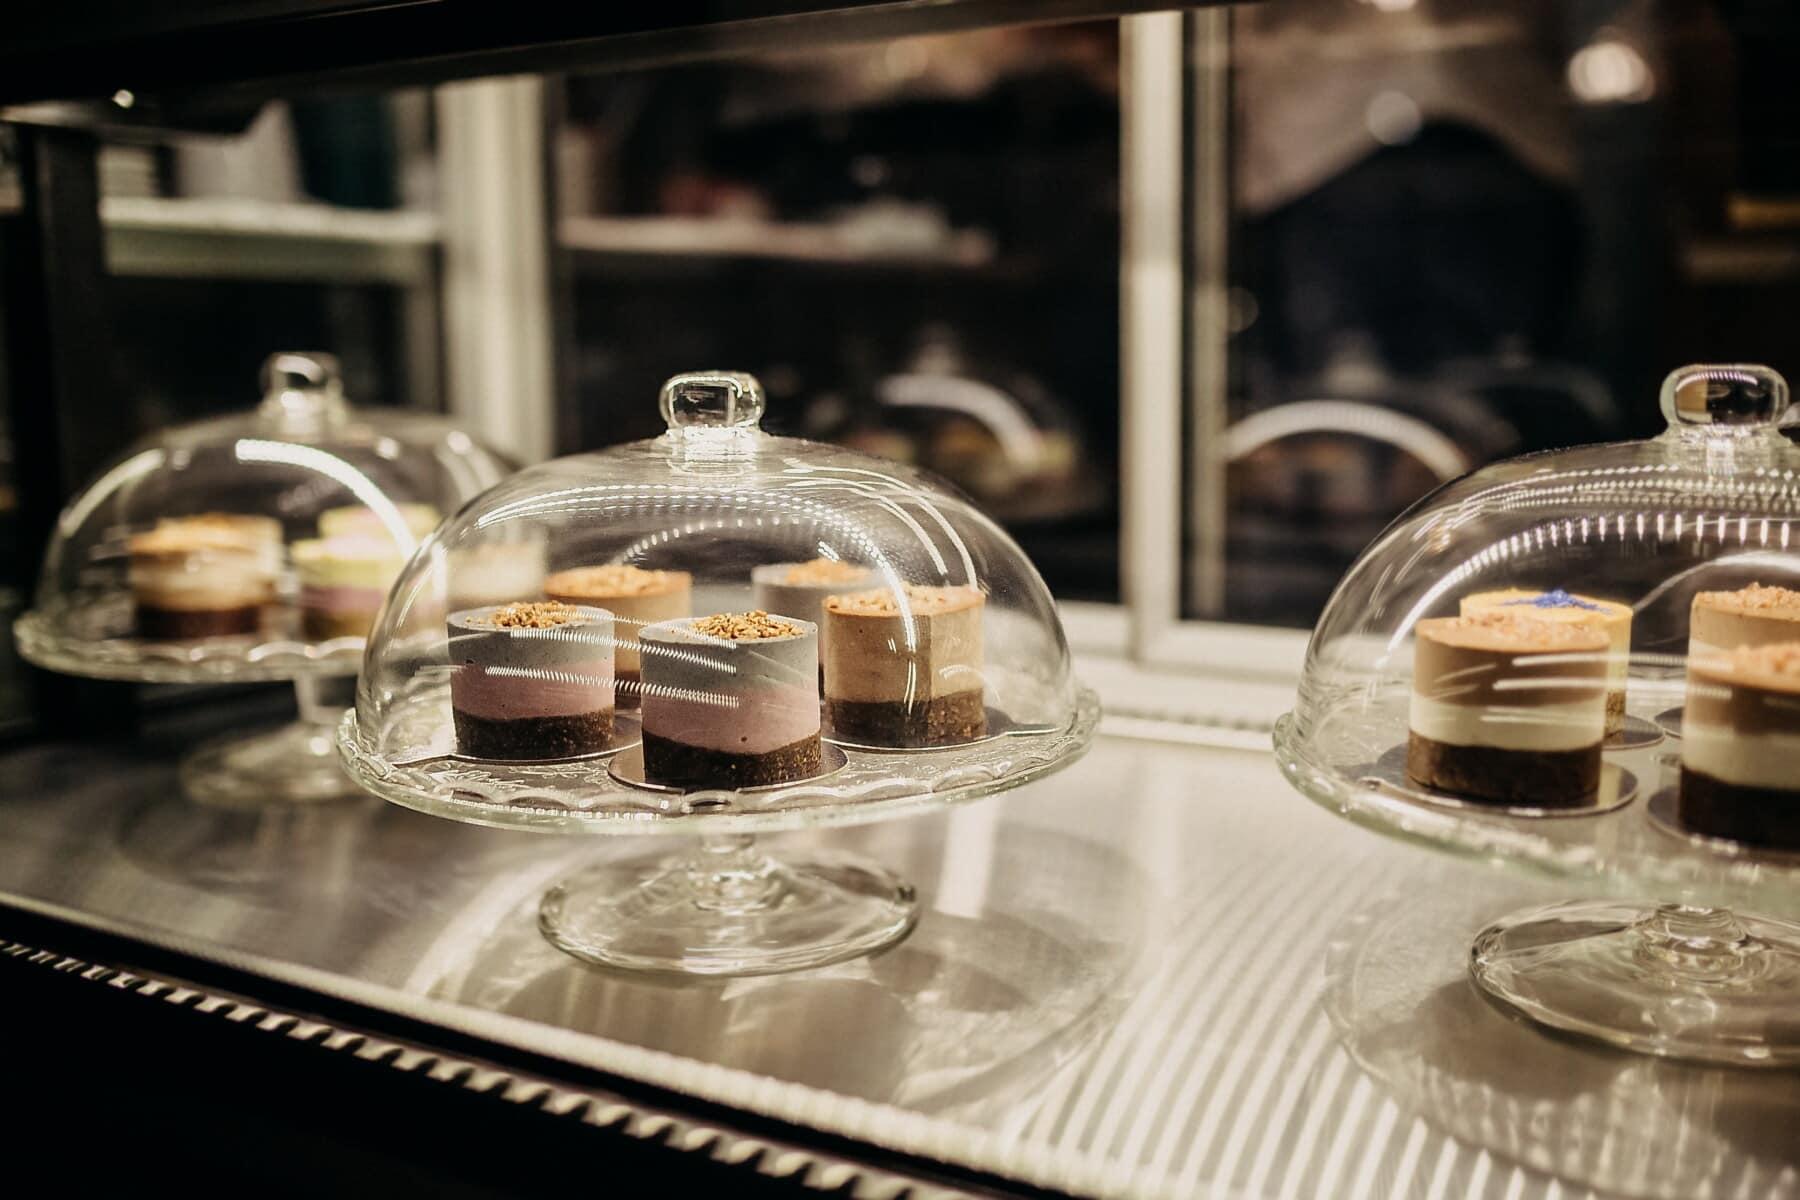 taartenwinkel, Workshop, nagerecht, onder, glas, klok, Winkel, restaurant, voedsel, binnenshuis